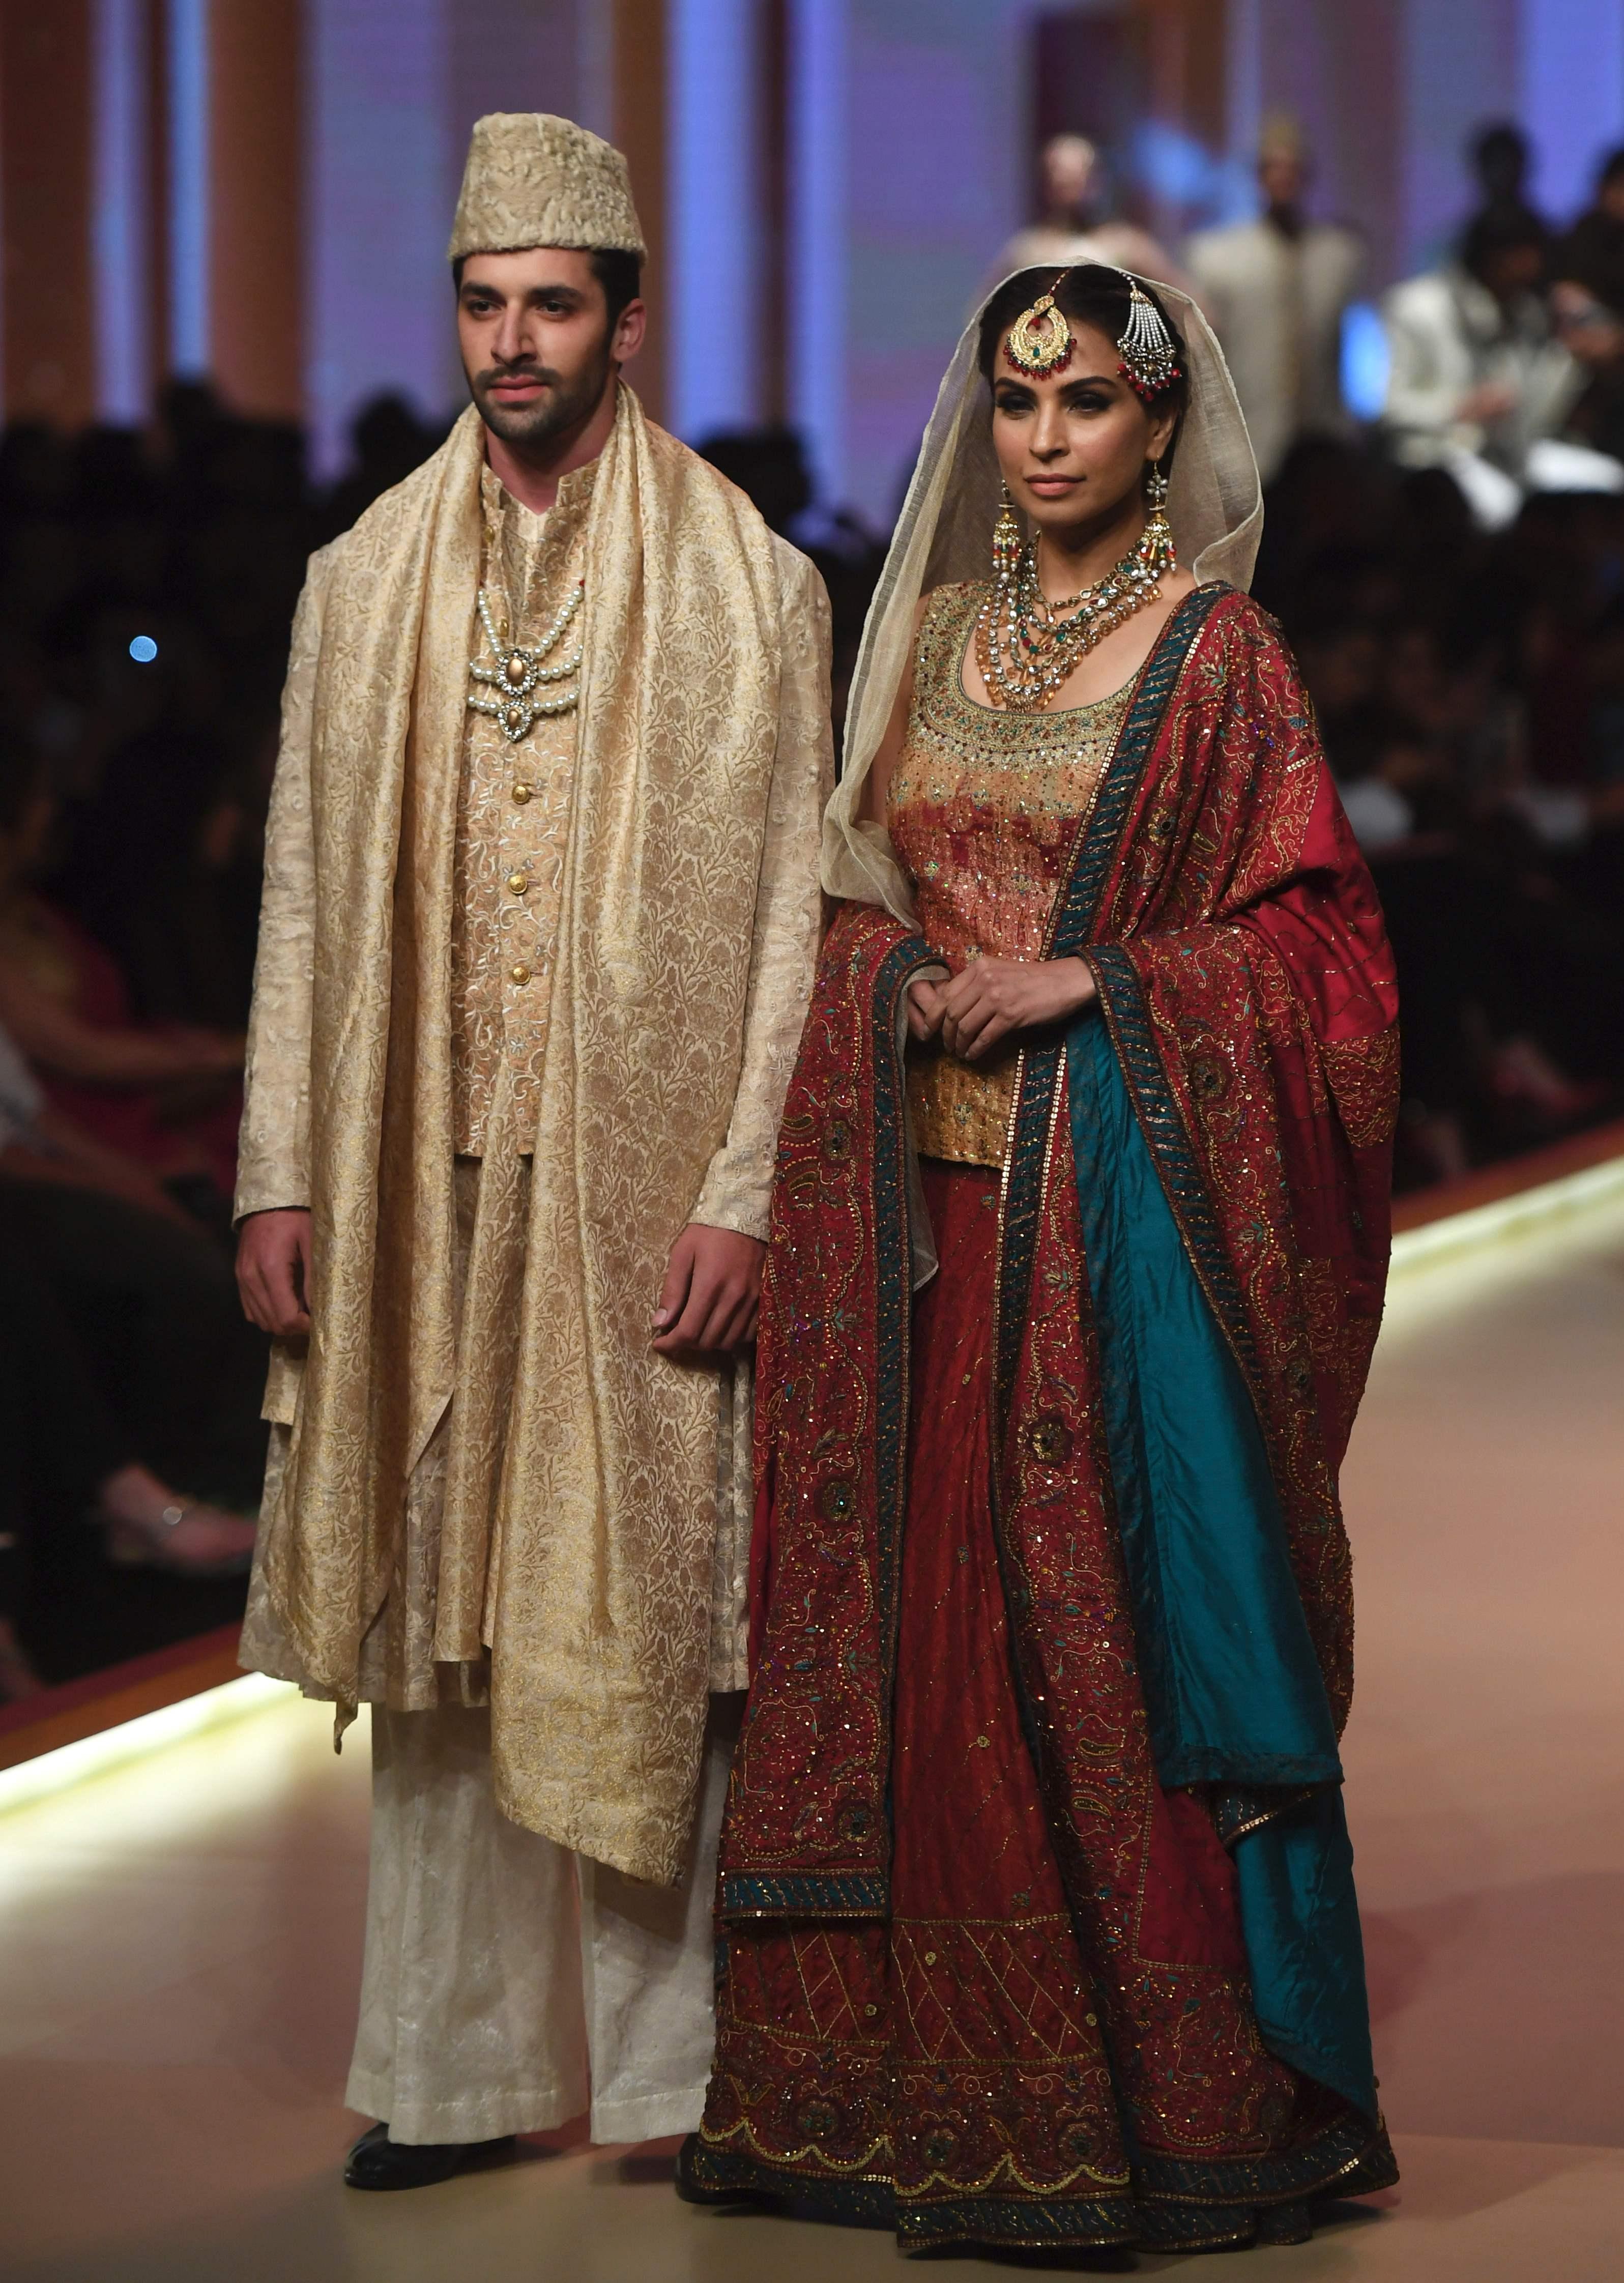 الأزياء الباكستانية